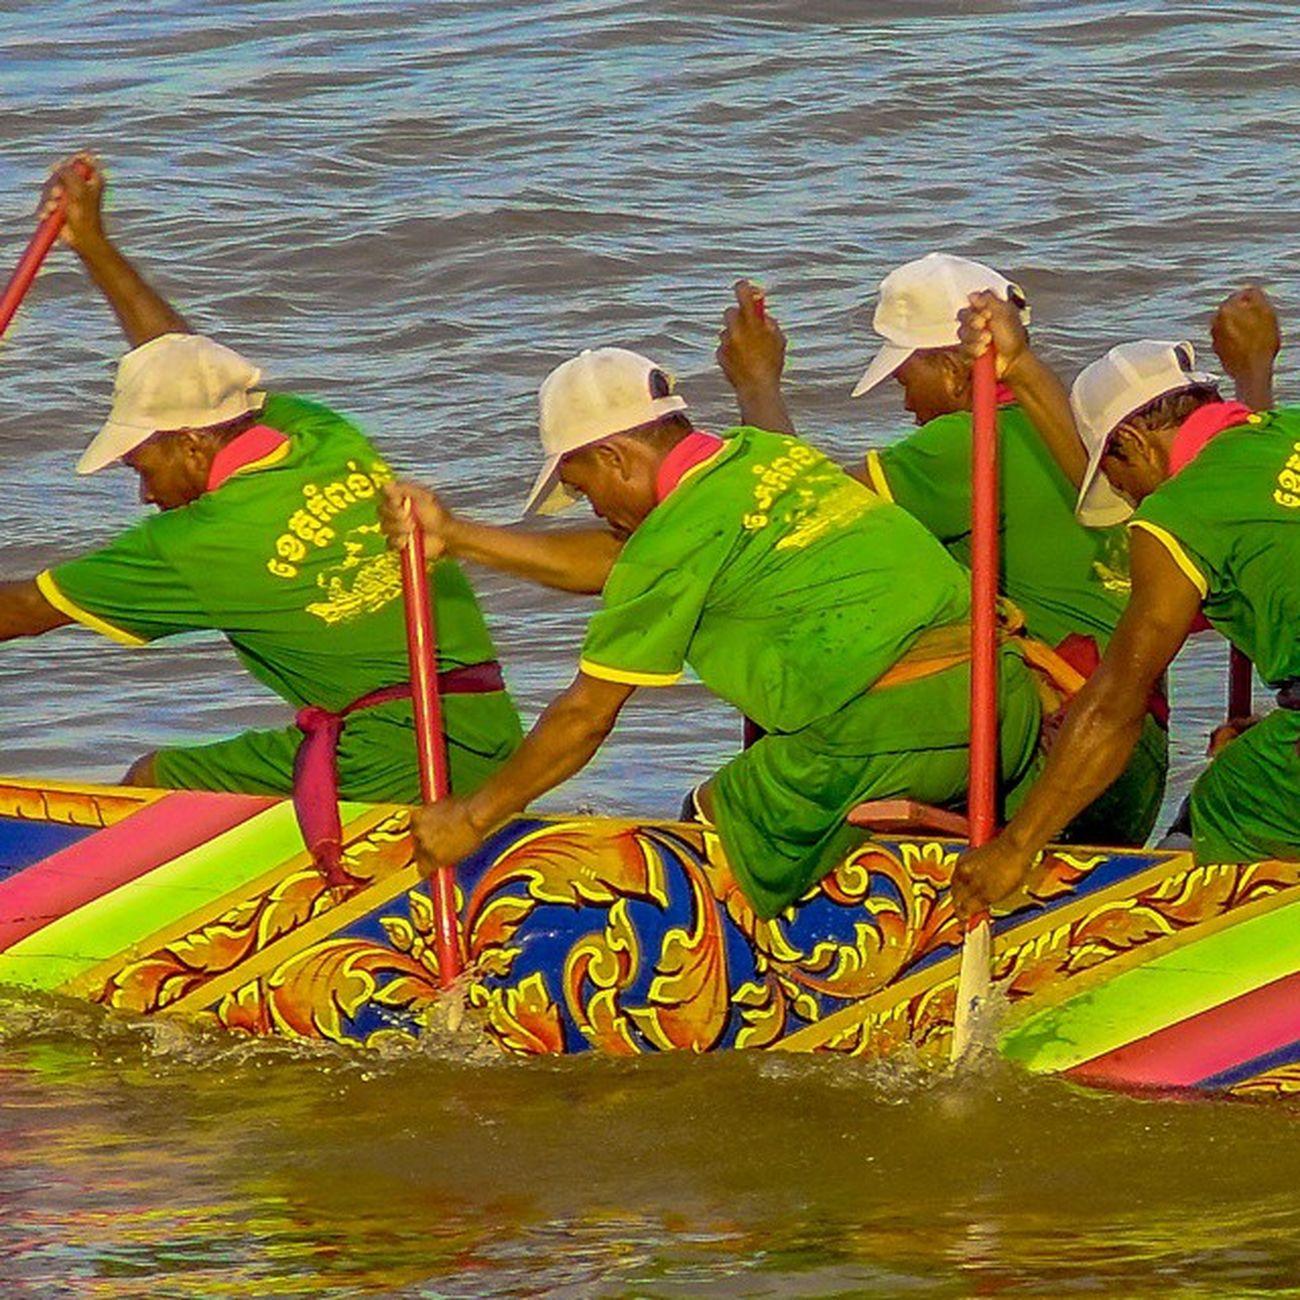 Phnompenh Cambodia Bonomtouk Phnompenh. Phnom Cambodia Tour Kampuchea Cambodge In Cambodia Only In Cambodia Cambodian Phnom Pehn Tonlesap Mekong River River Mekong Phnom Penh Somewhere In Phnom Penh